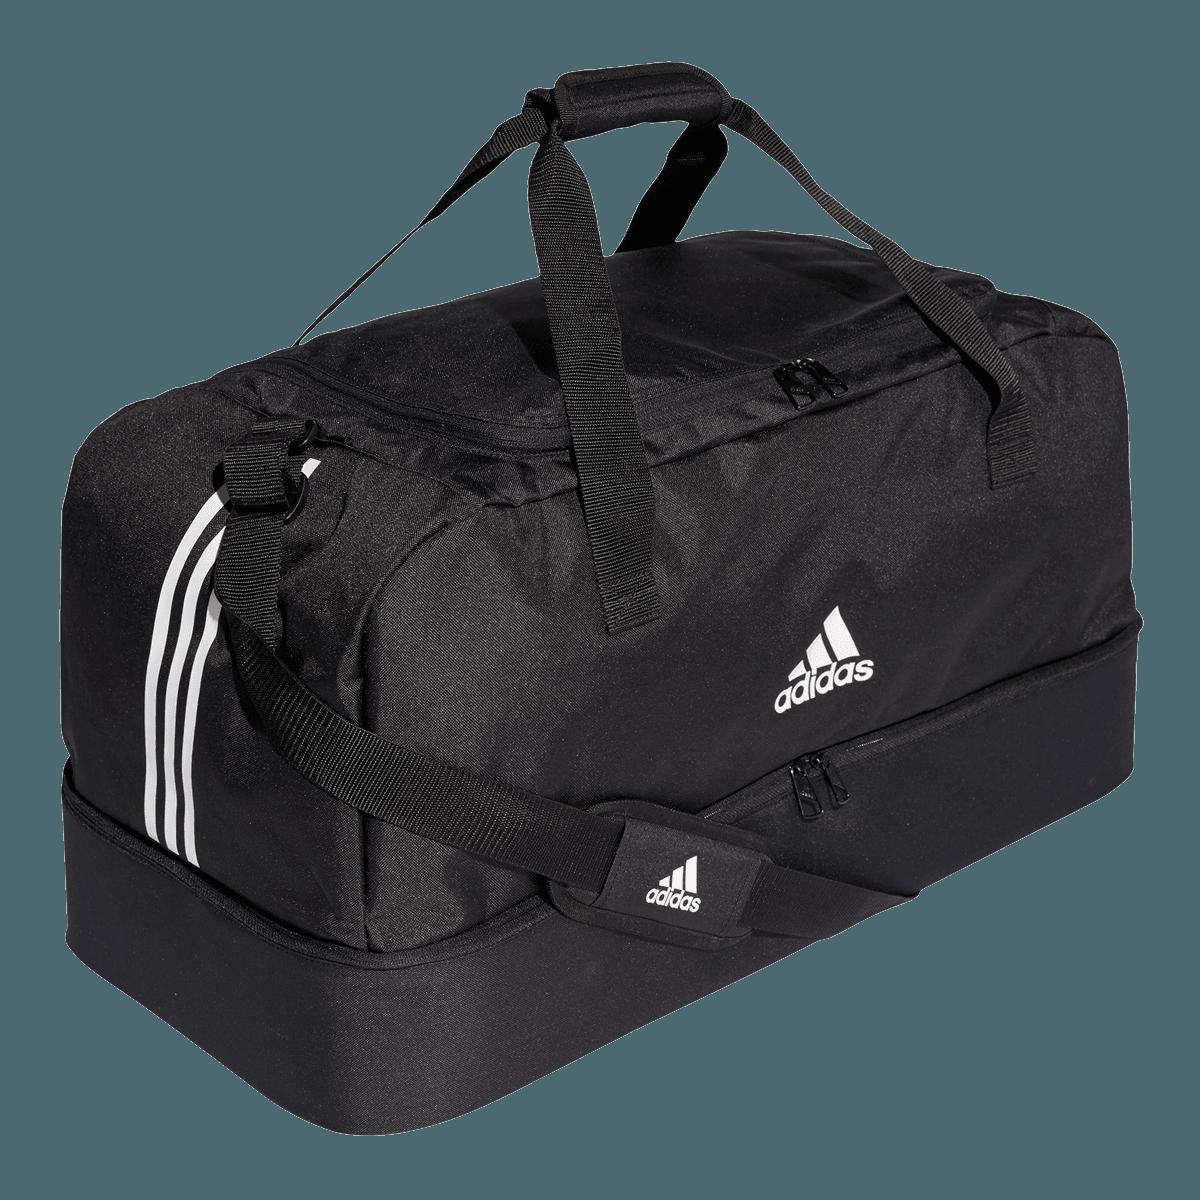 adidas Tiro Duffelbag Bottom Compartment sporttáska L feketefehér Futball áruház